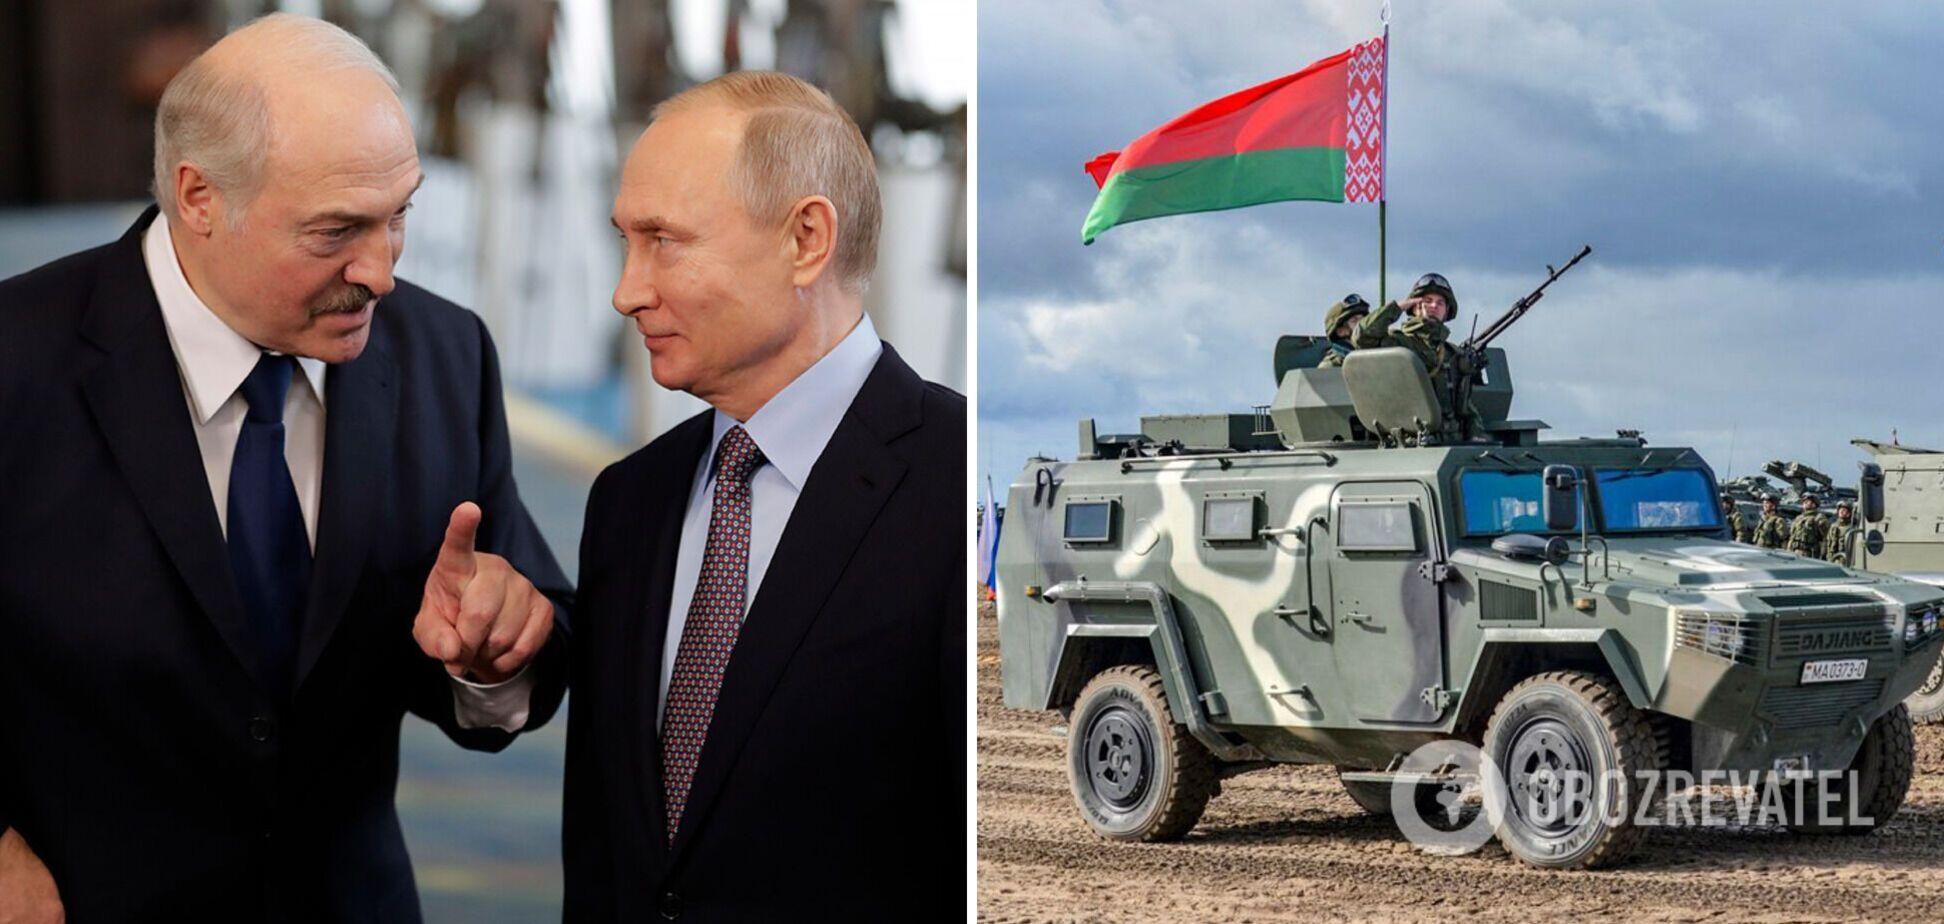 Лукашенко пригрозил сделать Беларусь 'единой базой' с Россией из-за 'агрессии' Запада